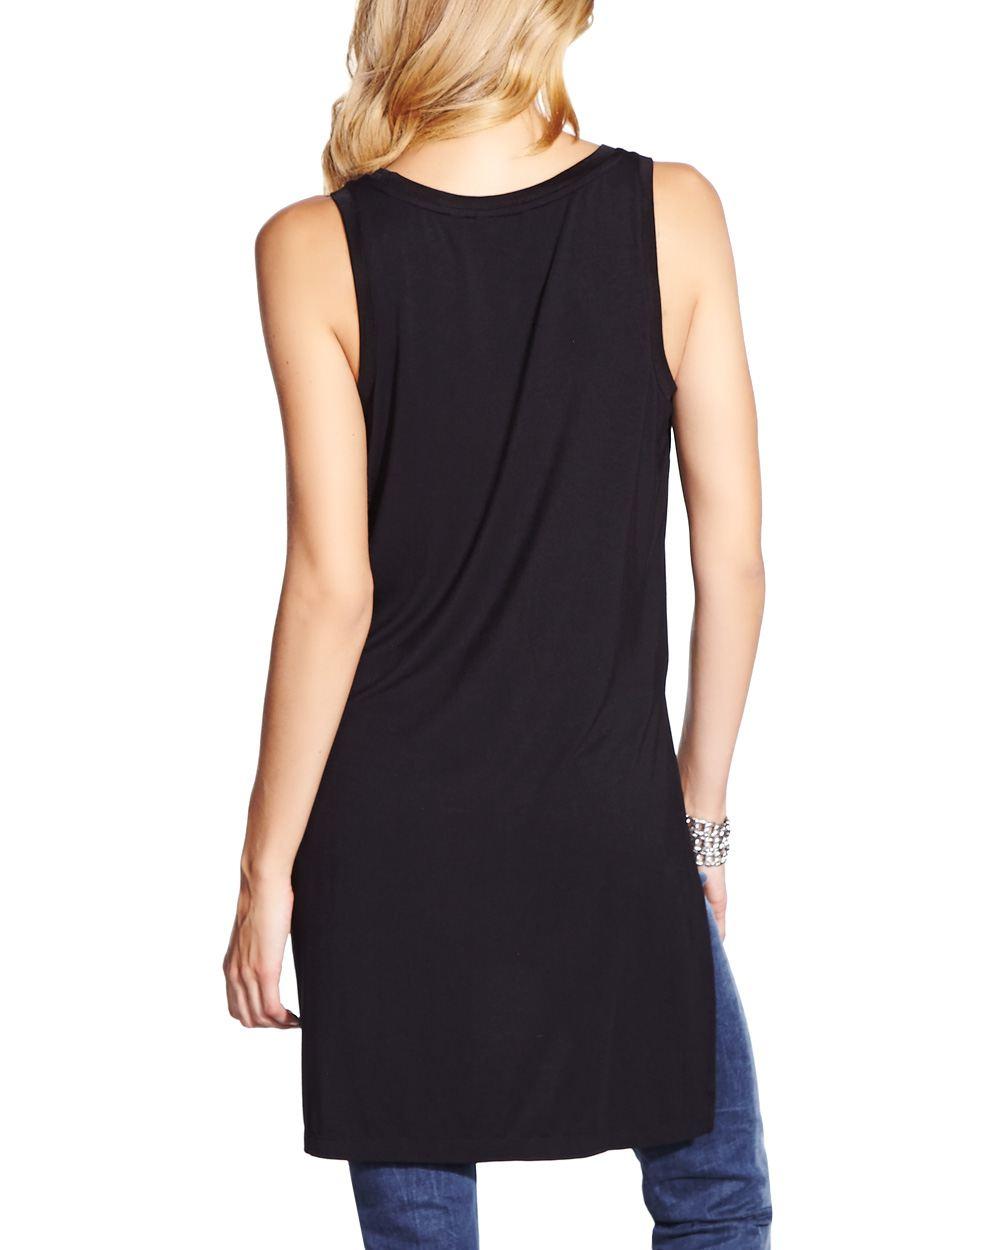 long sleeveless t shirt women reitmans